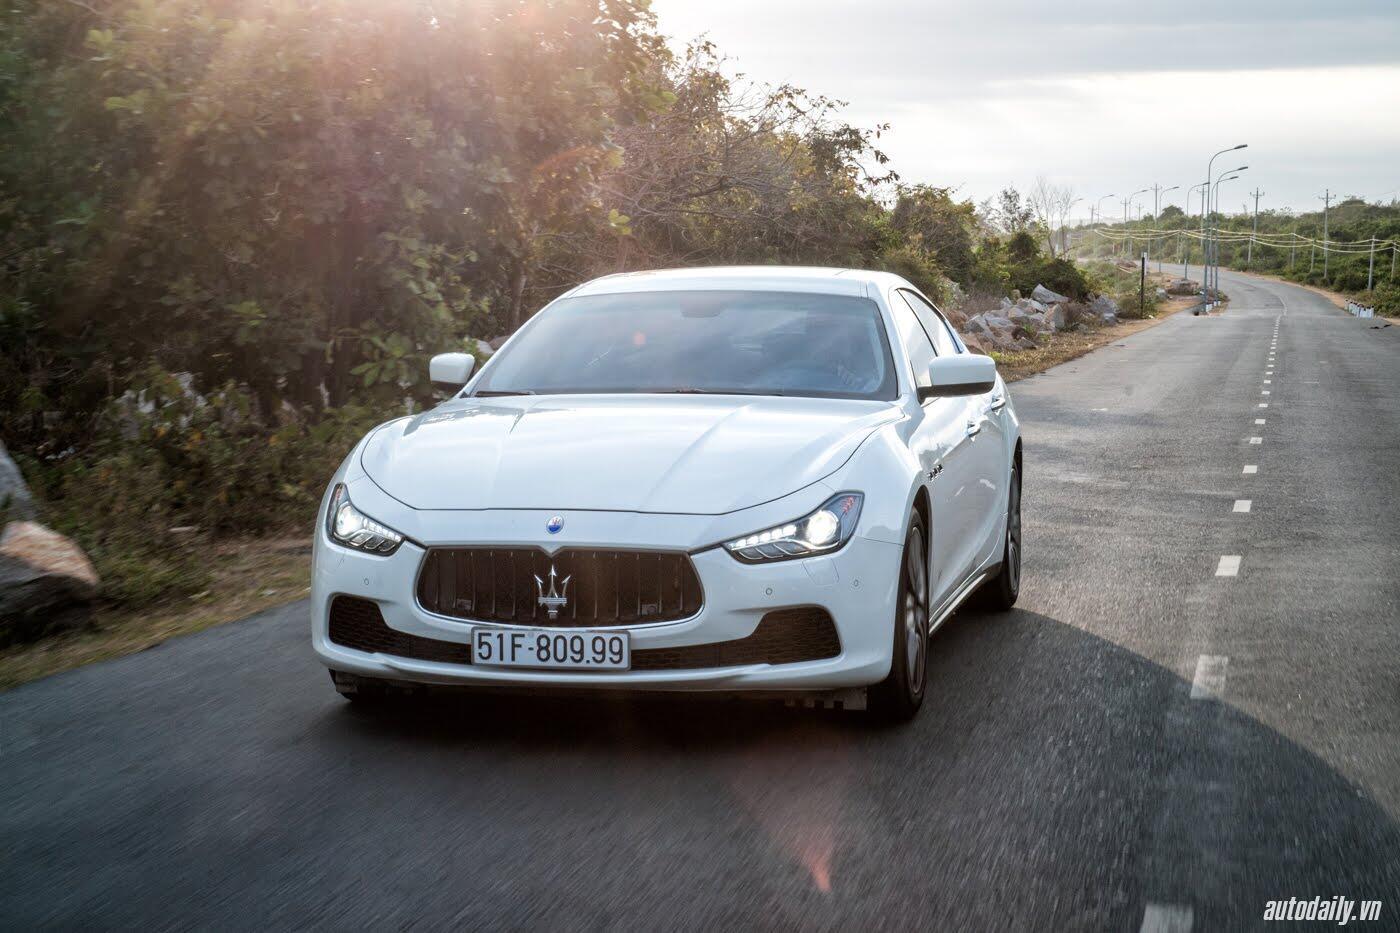 Lái thử Maserati Ghibli - Một trải nghiệm khác về tốc độ - Hình 1